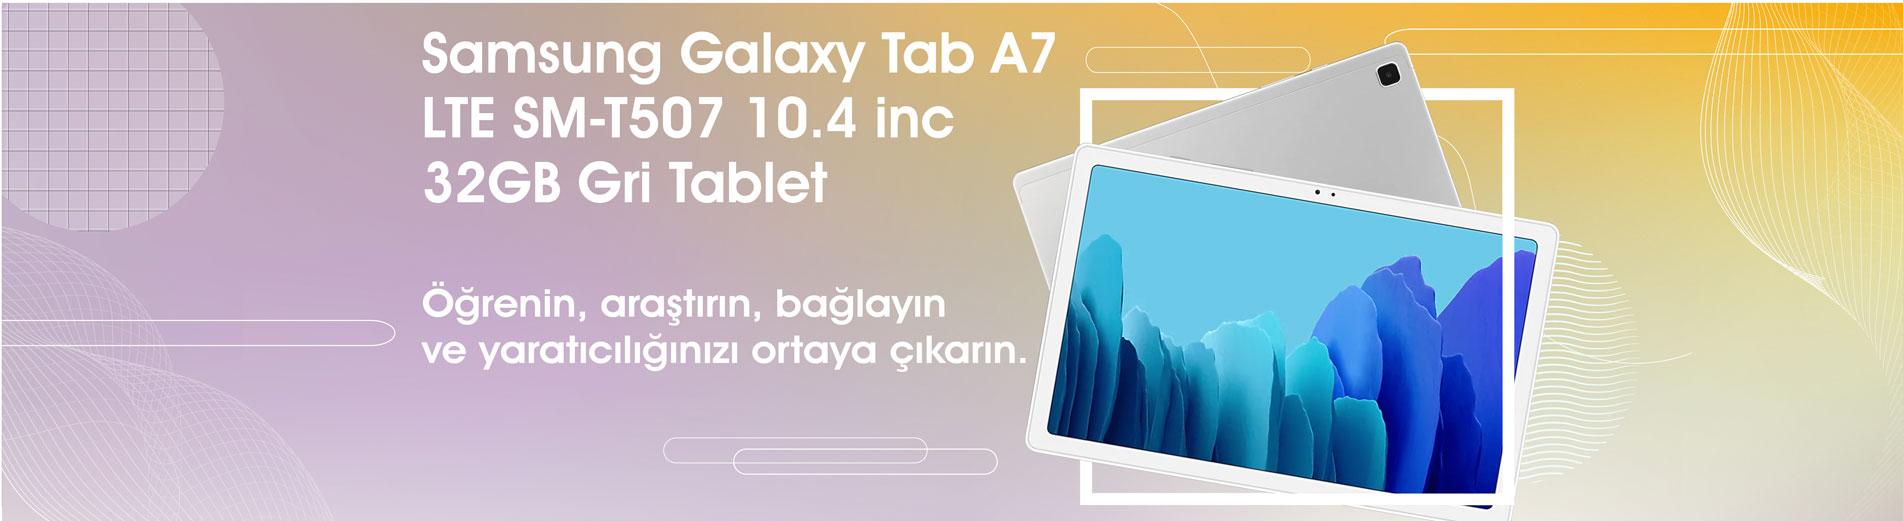 samsung-galaxy-tab-a7-lte-sm-t507-10-4-inc-32gb-gri-tablet-21417